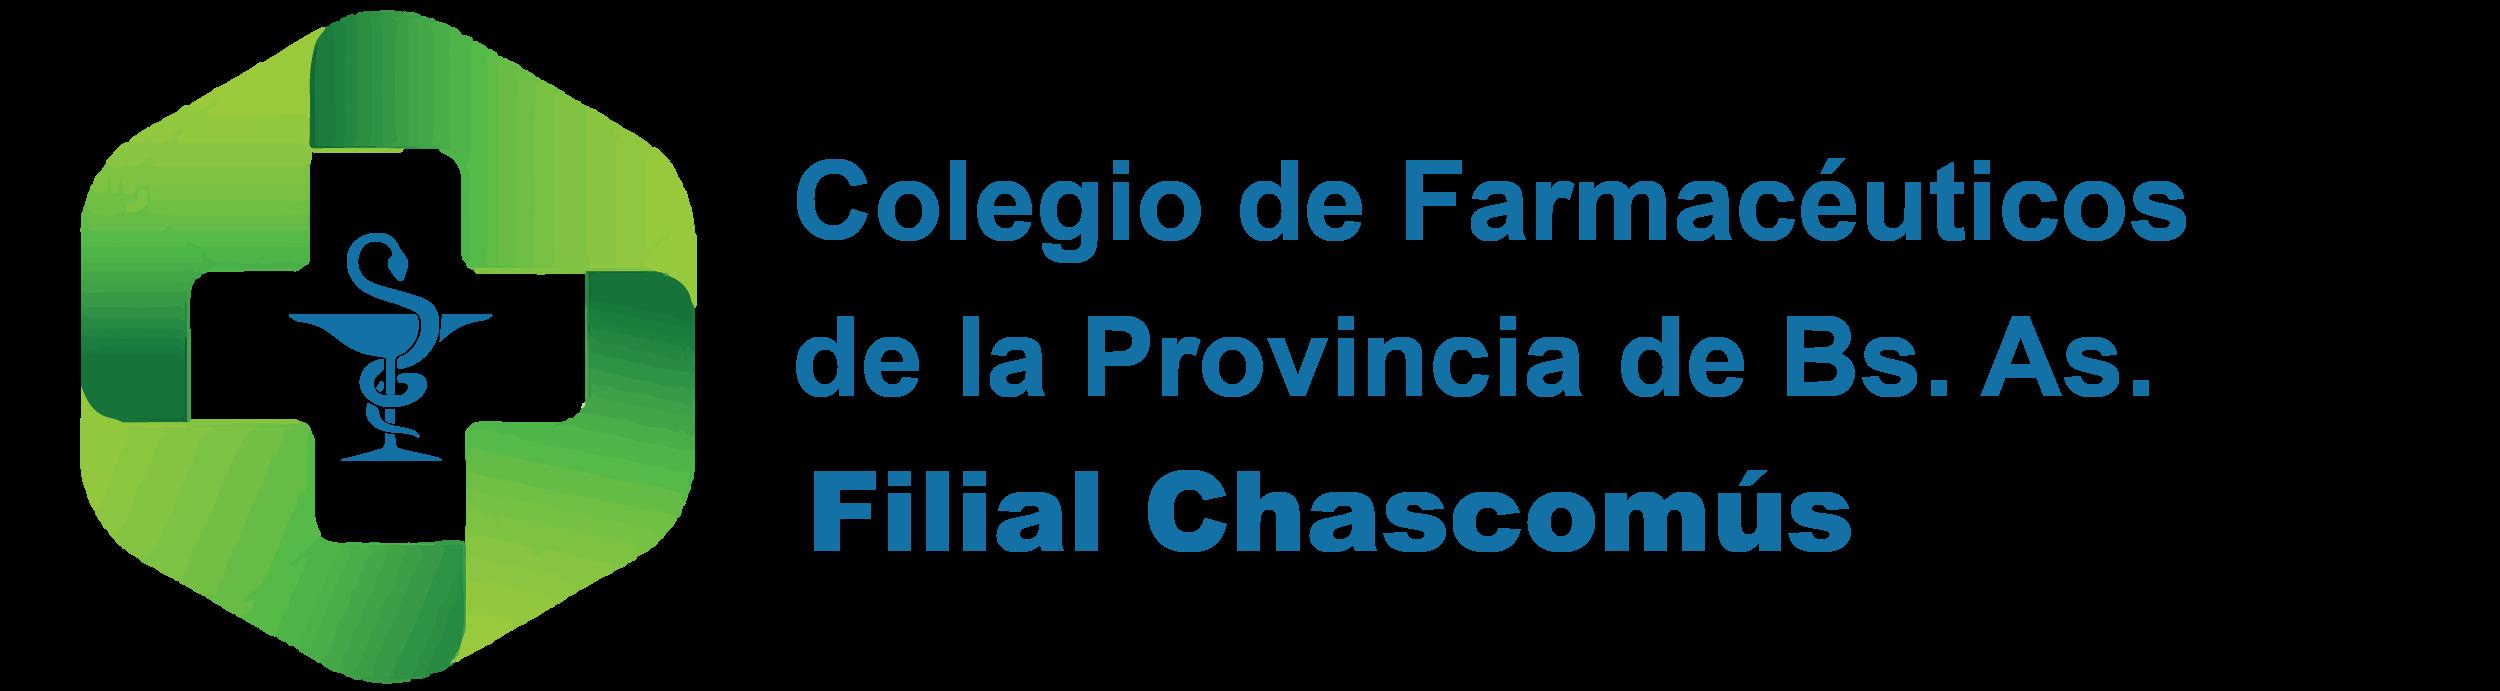 Colegio de Farmacéuticos de Chascomús